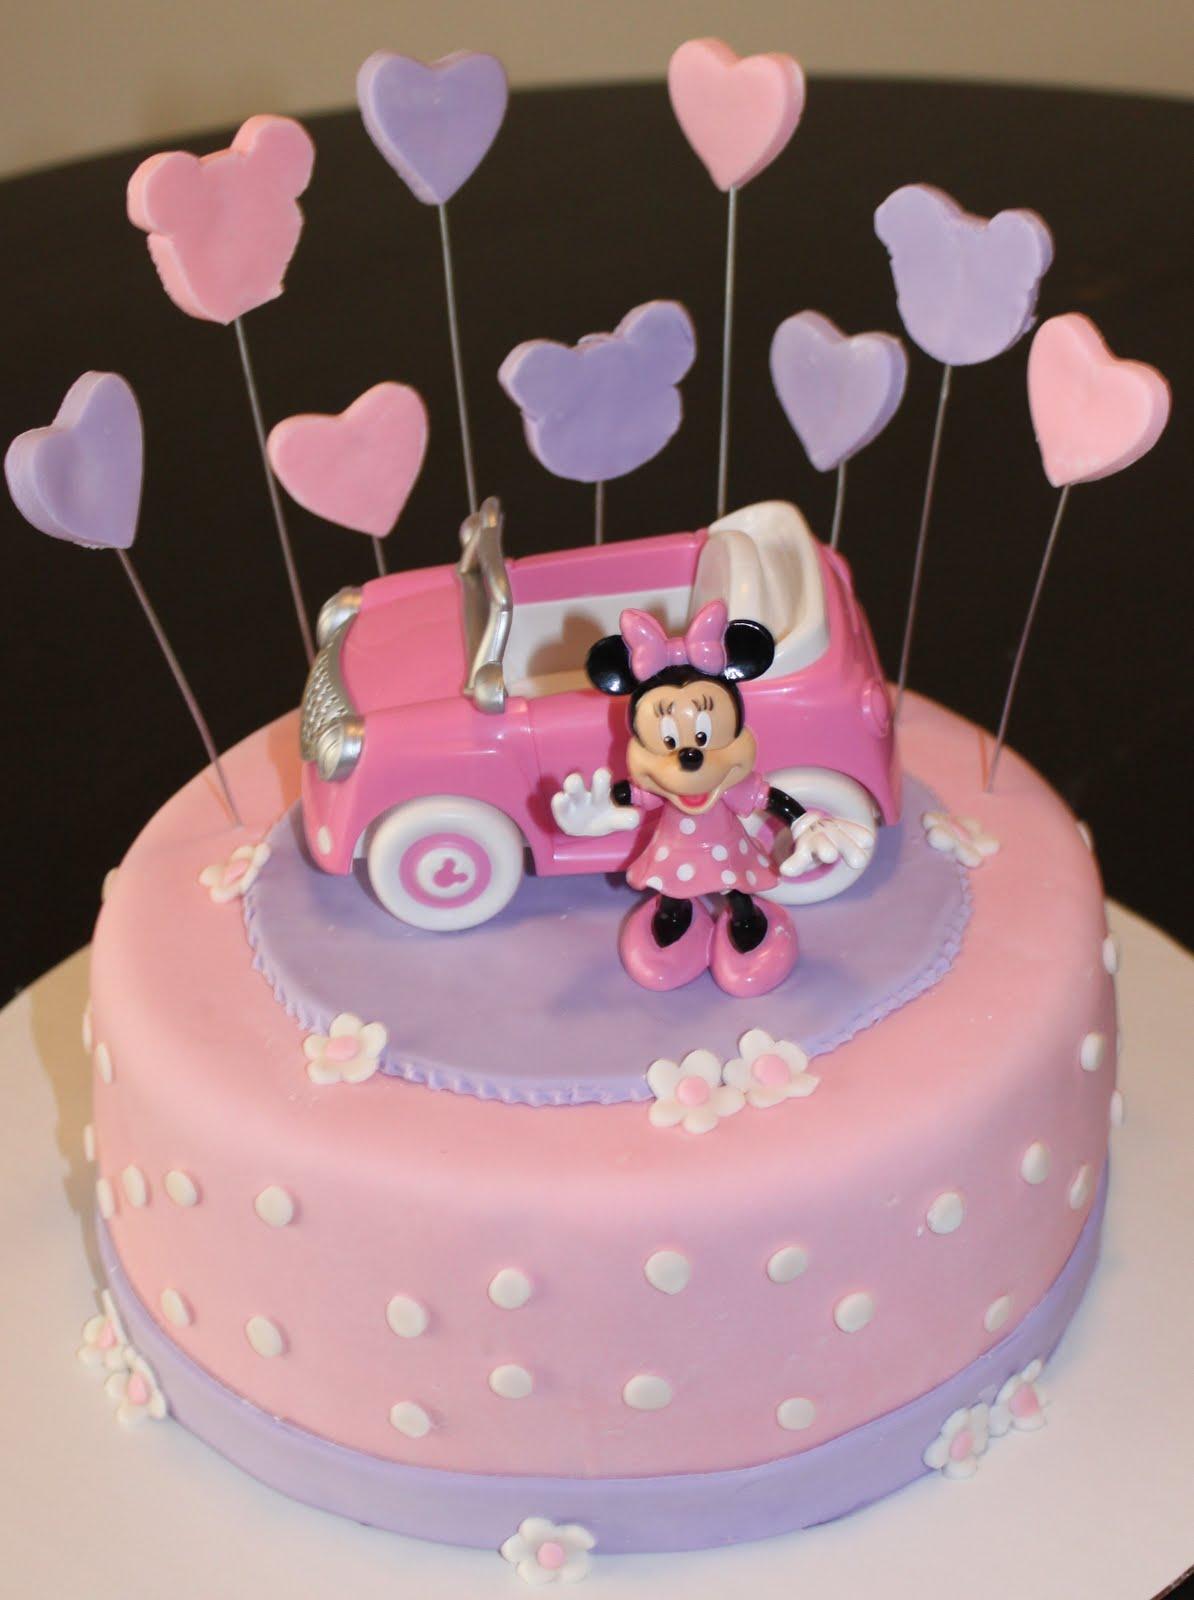 Tortas de cumpleaños de Mickey - dibujos-animados.org